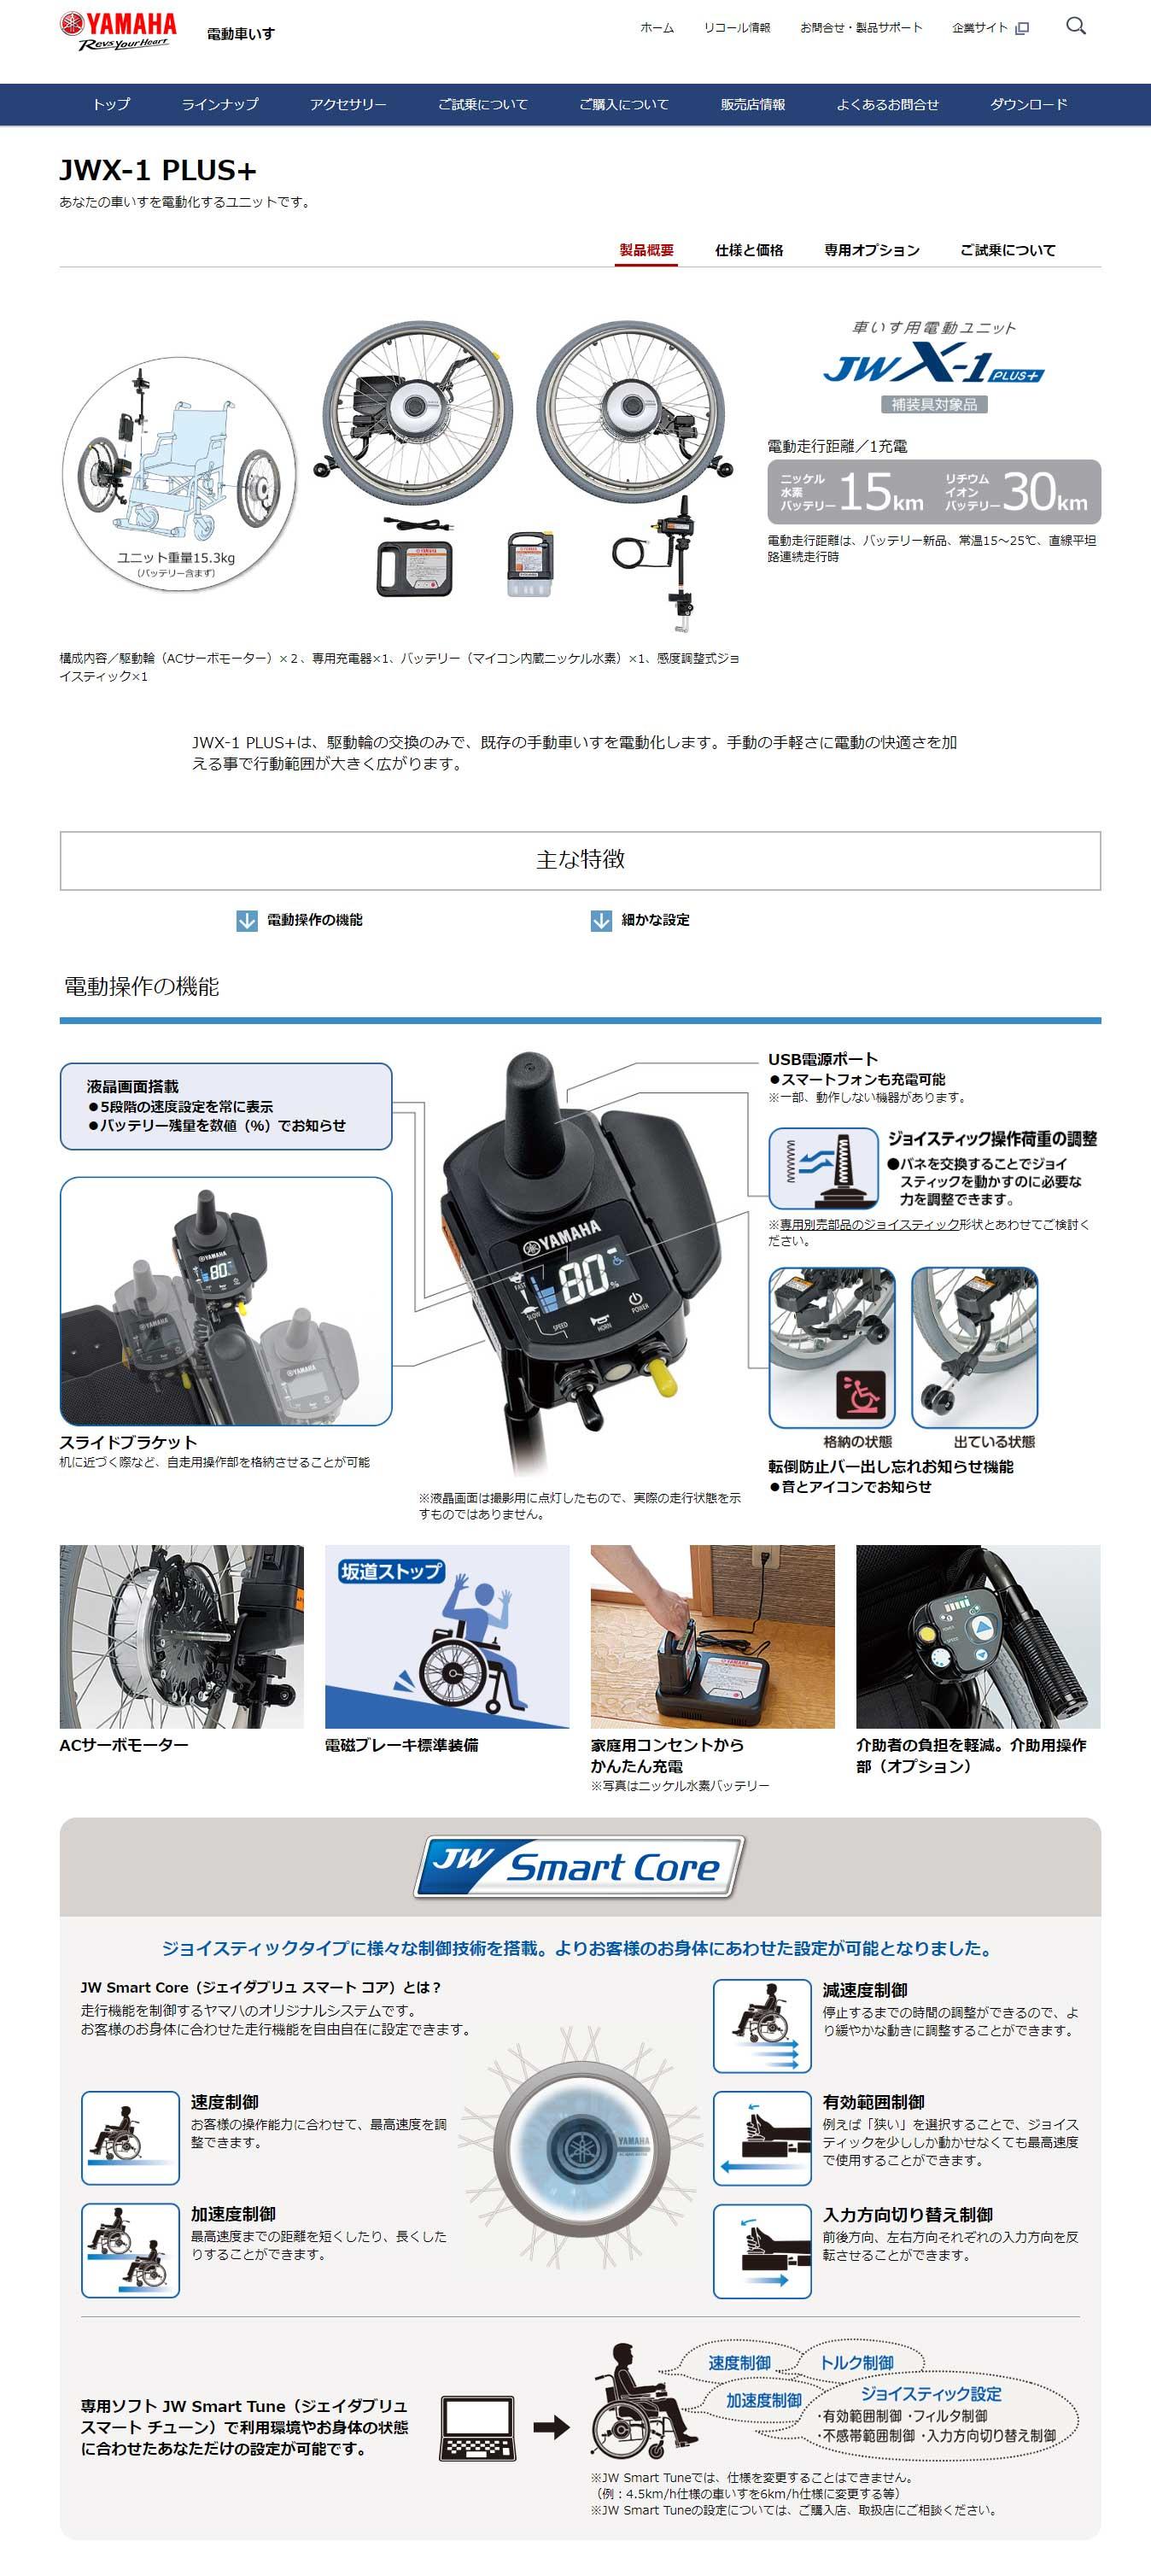 【福祉機器】手動車いす電動ユニット【アタッチメント編】JWX-1 PLUS+